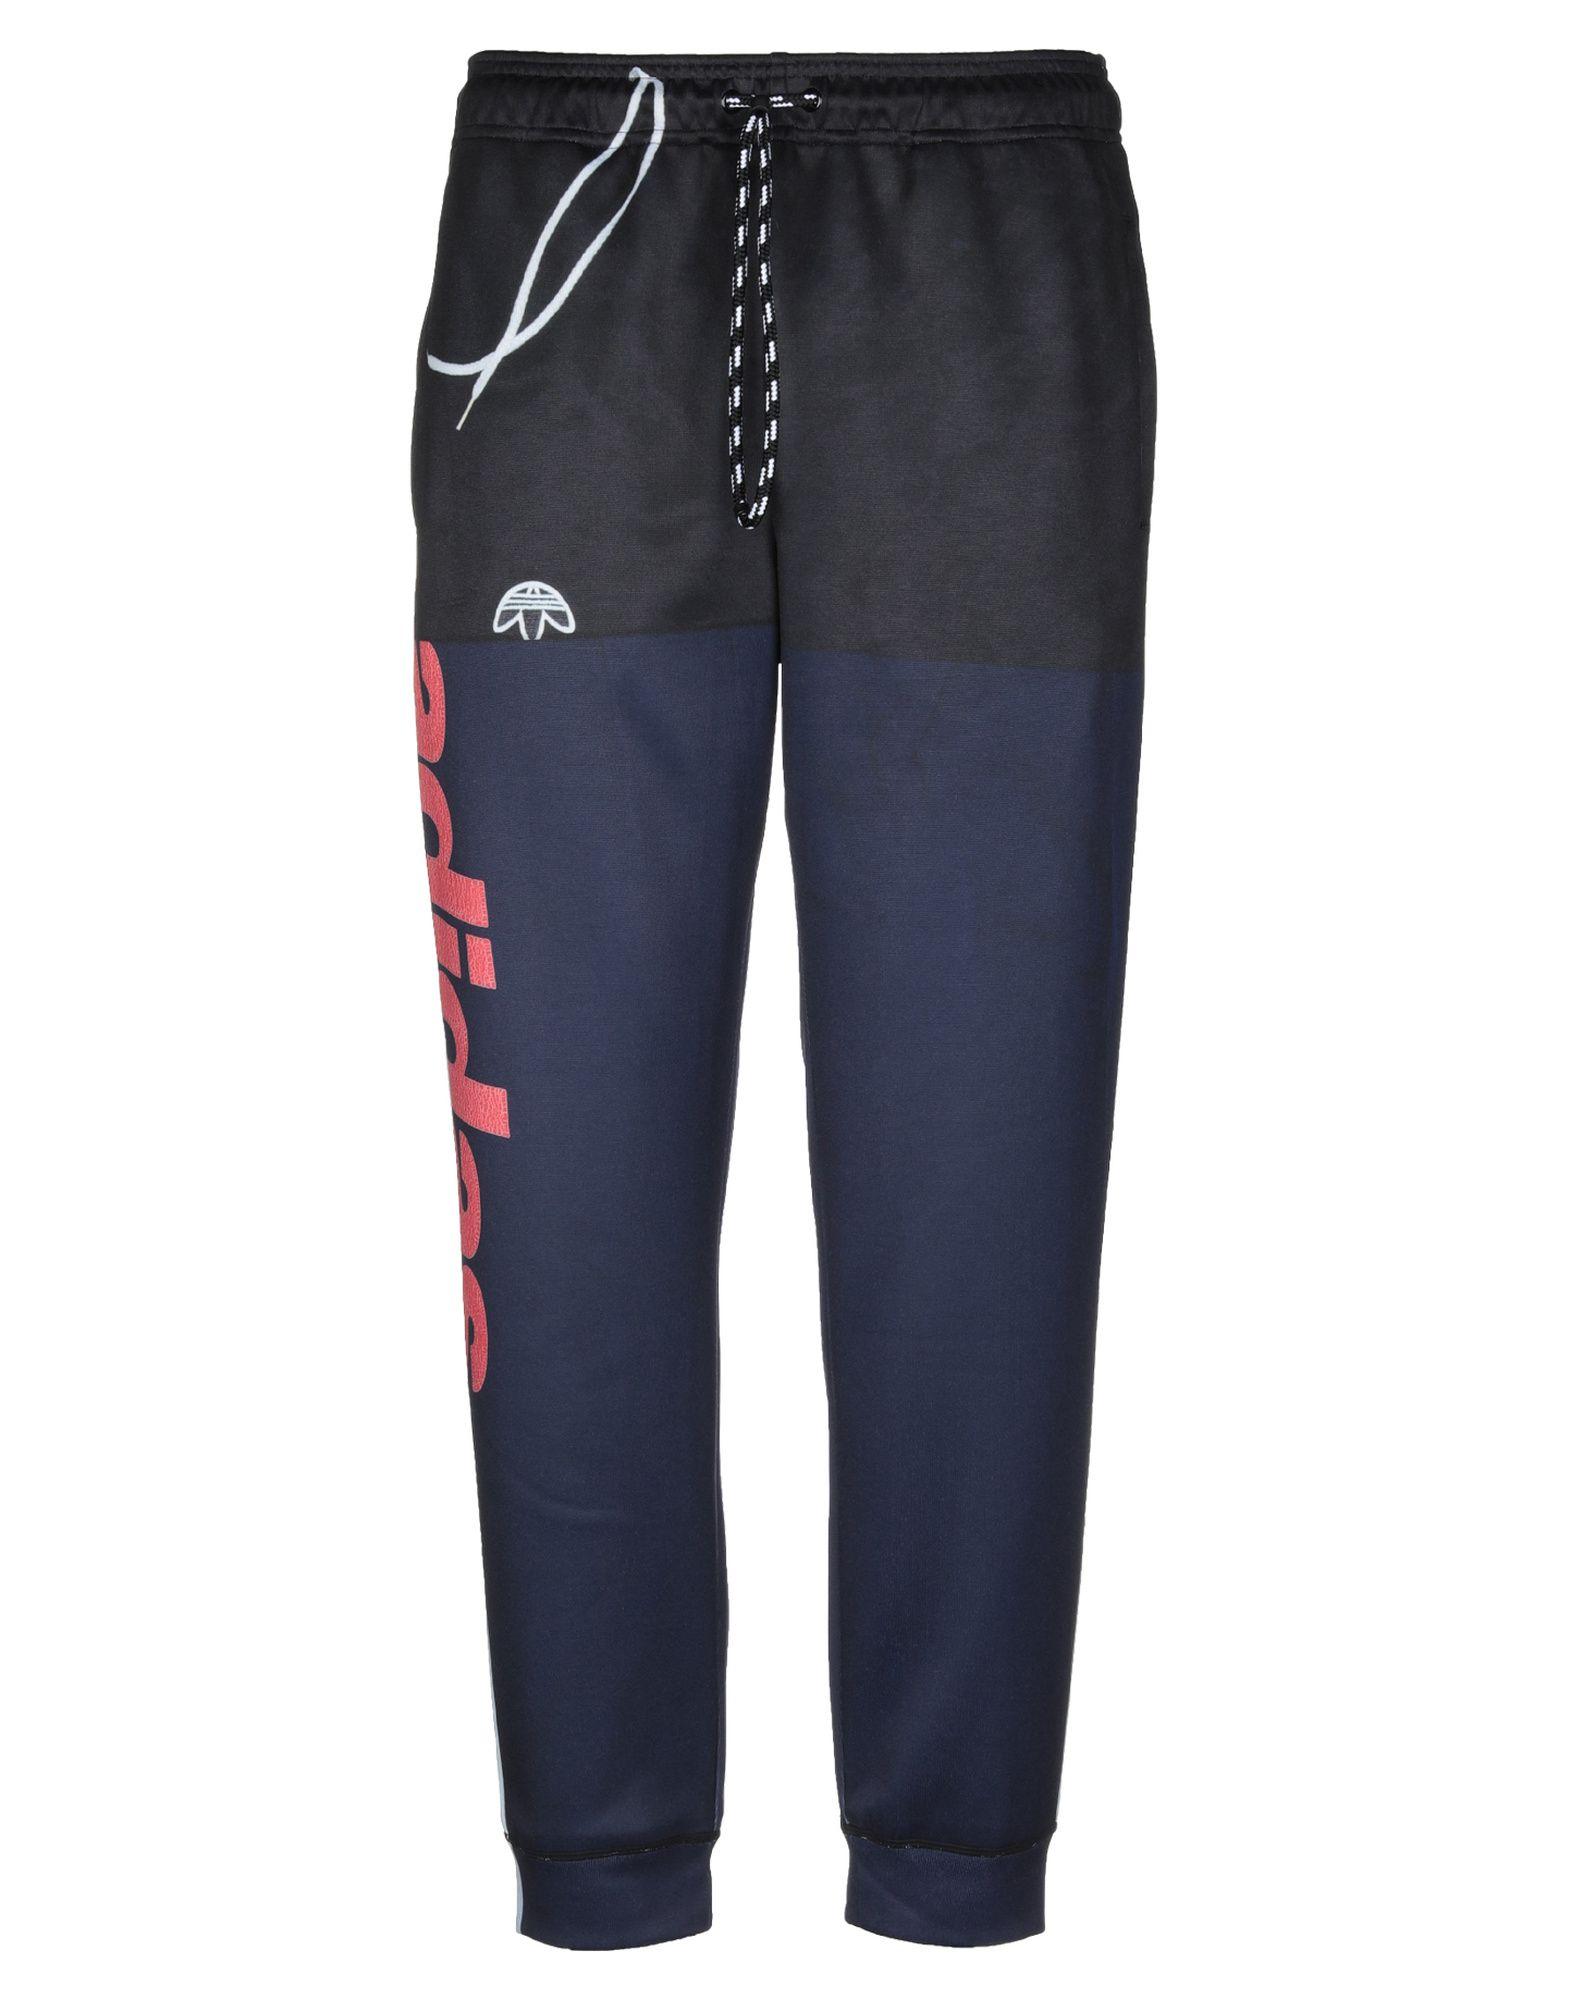 Pantalone Adidas Adidas Adidas Originals uomo - 13314423RA 2e8